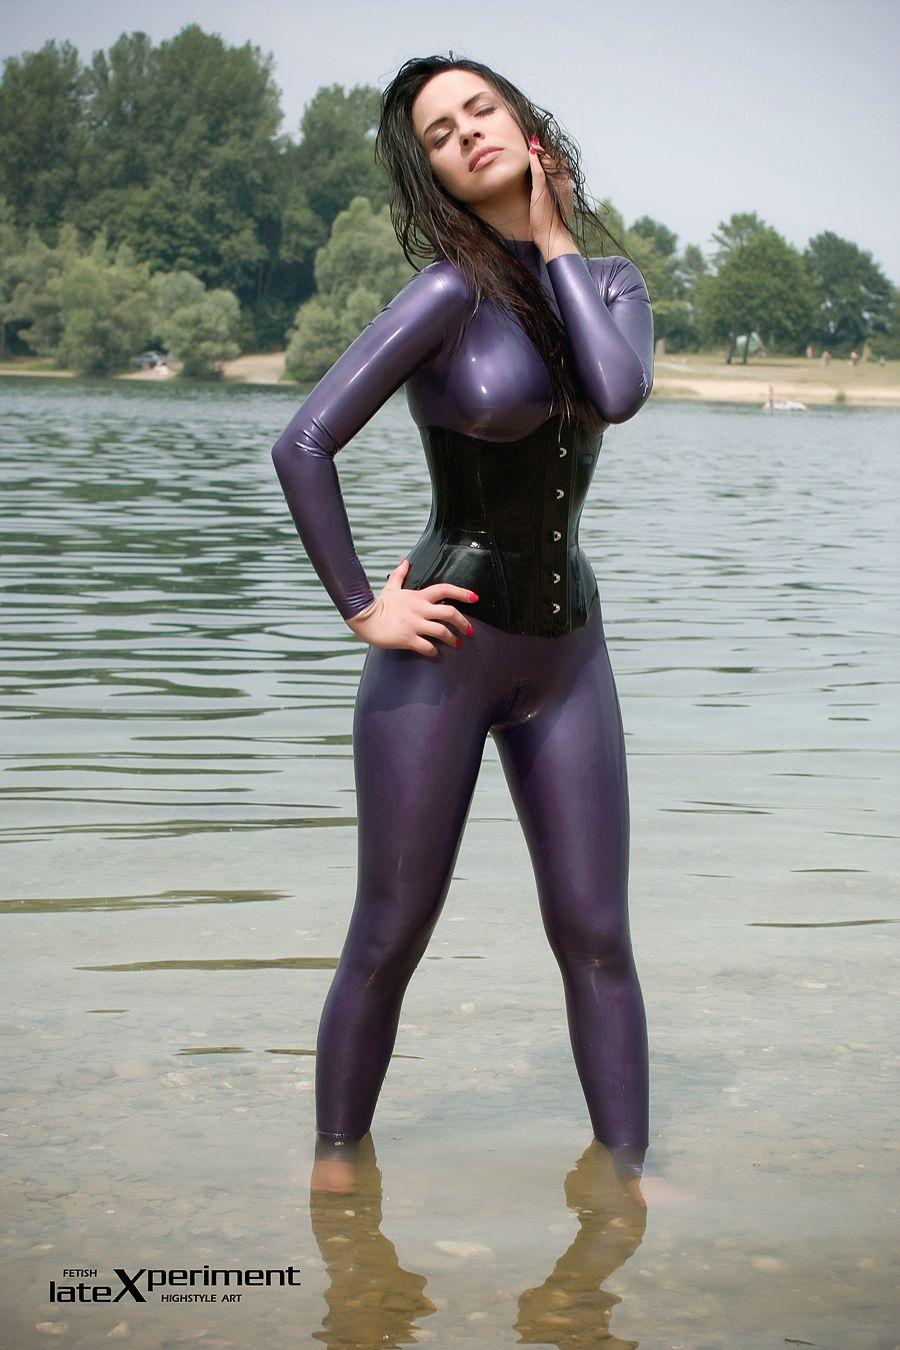 female latex skin jpg 1500x1000